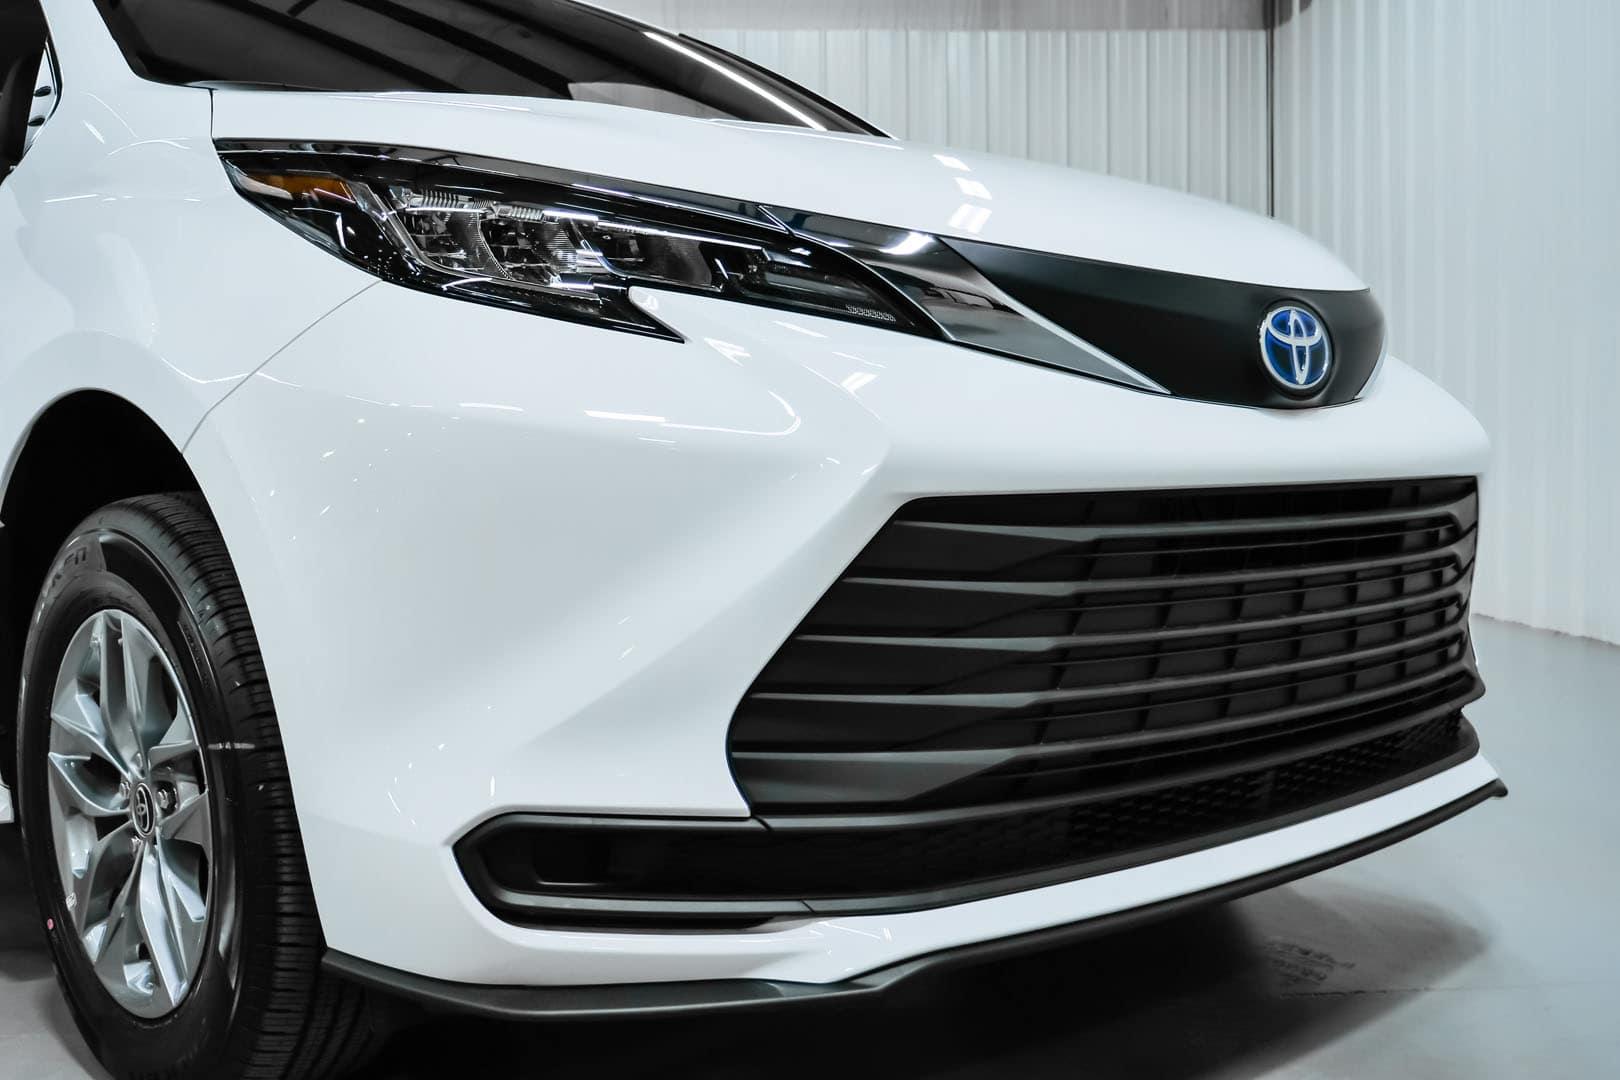 2021 white sienna Toyota sienna hybrid grill